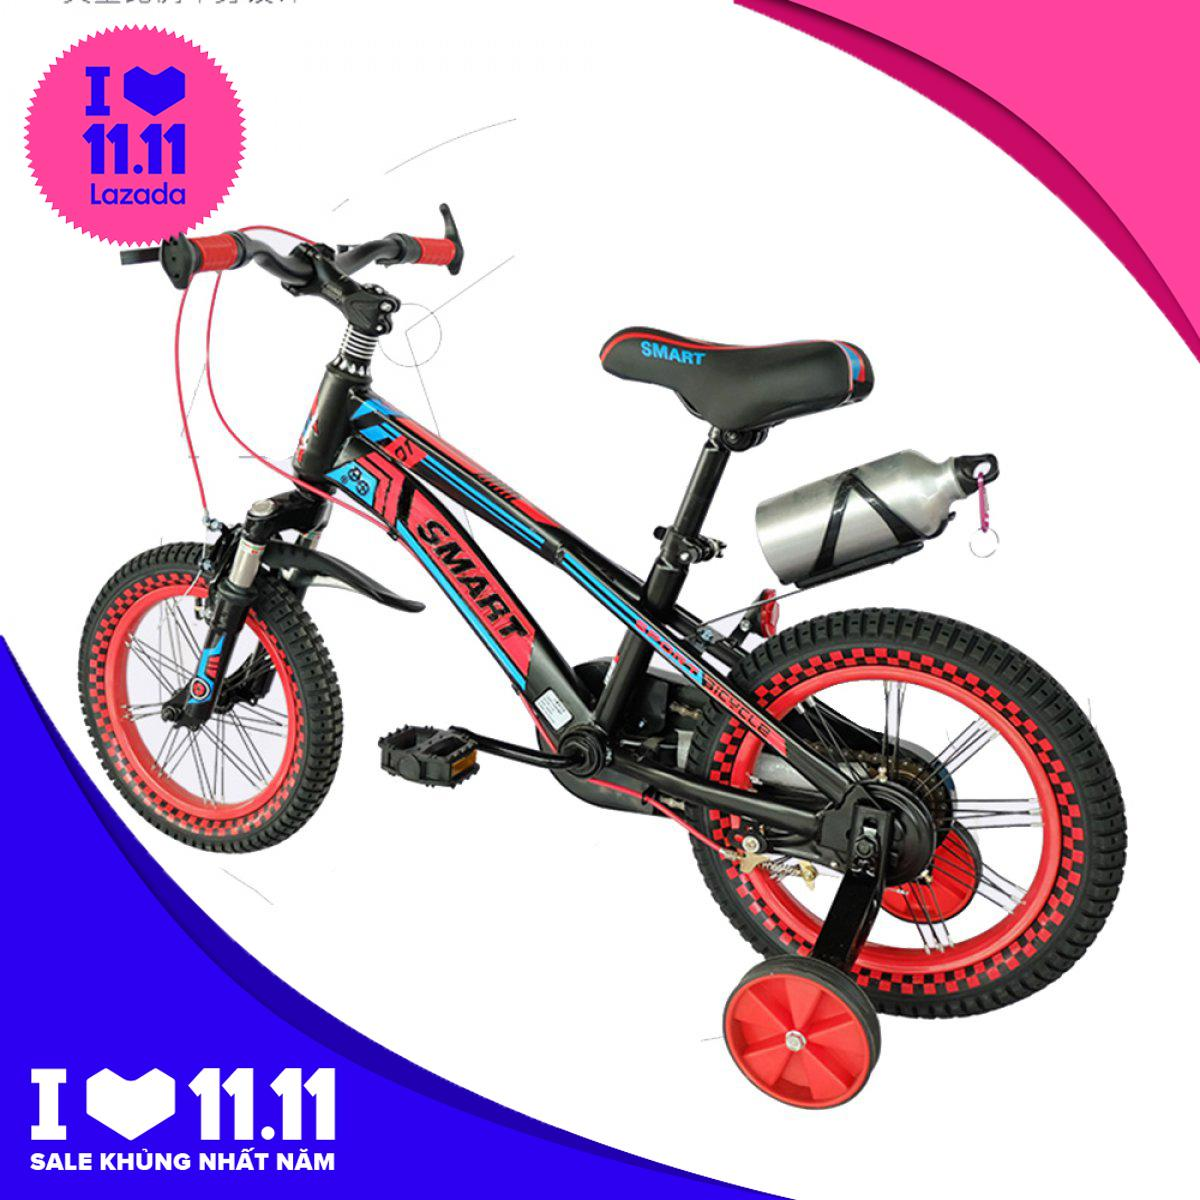 Mua Xe đạp trẻ em 99B - Khung kim loại chắc chắn, yên xe có thể thay đổi độ cao tùy vào lứa tuổi của trẻ, xe trẻ em, Babimart Viet Nam